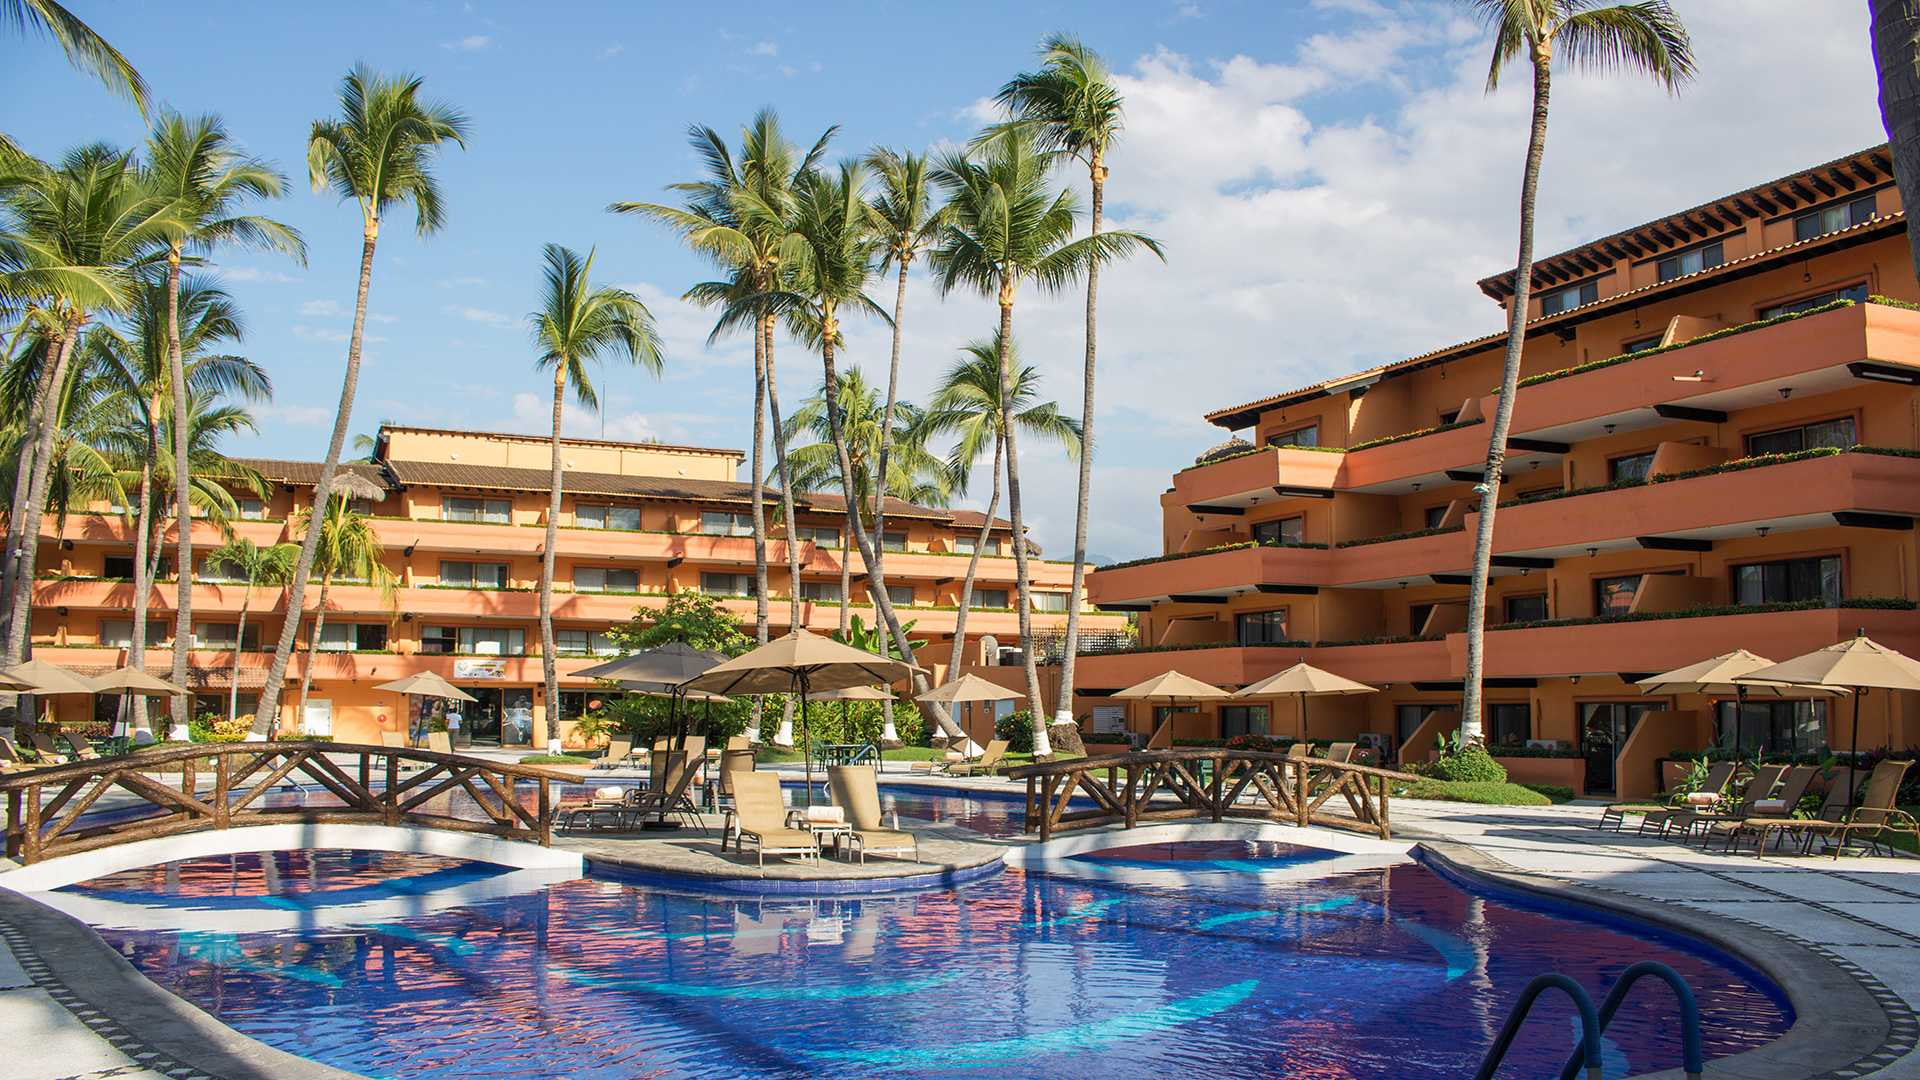 Optimizada villa del mar puerto vallarta pool 008